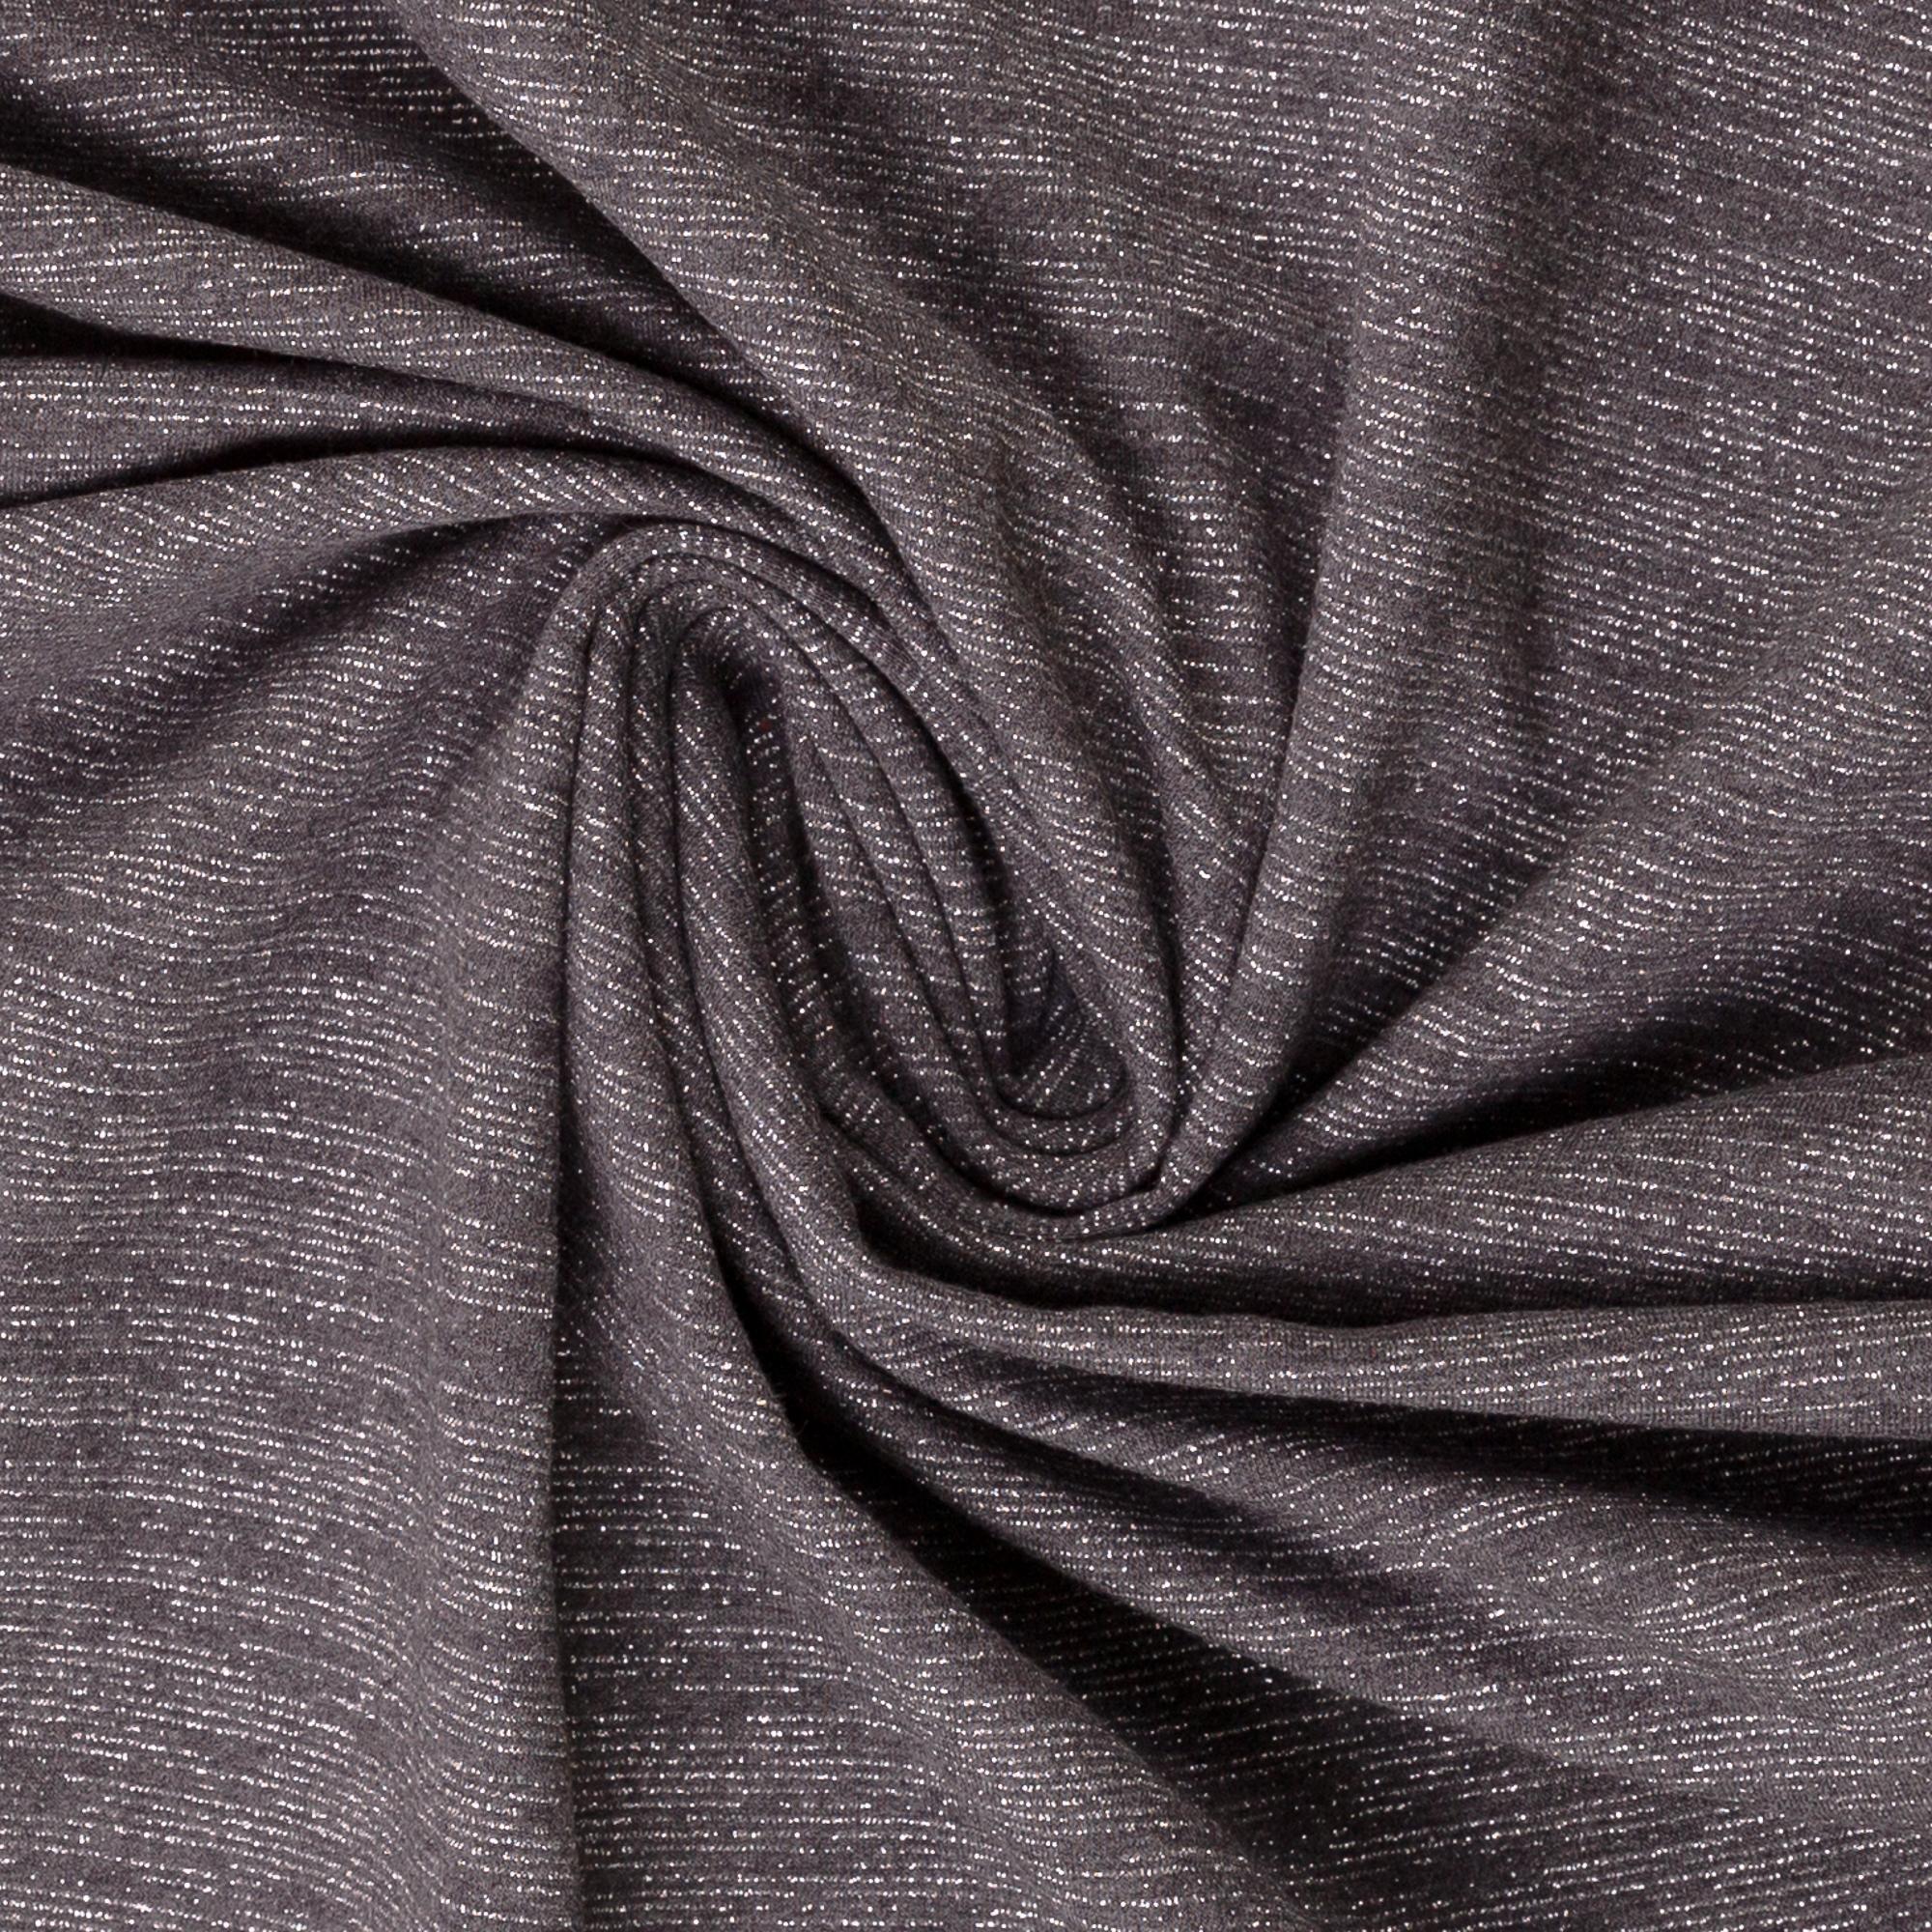 Angerauter Sweat  in grau mit silbernen Streifen von Swafing kaufen!